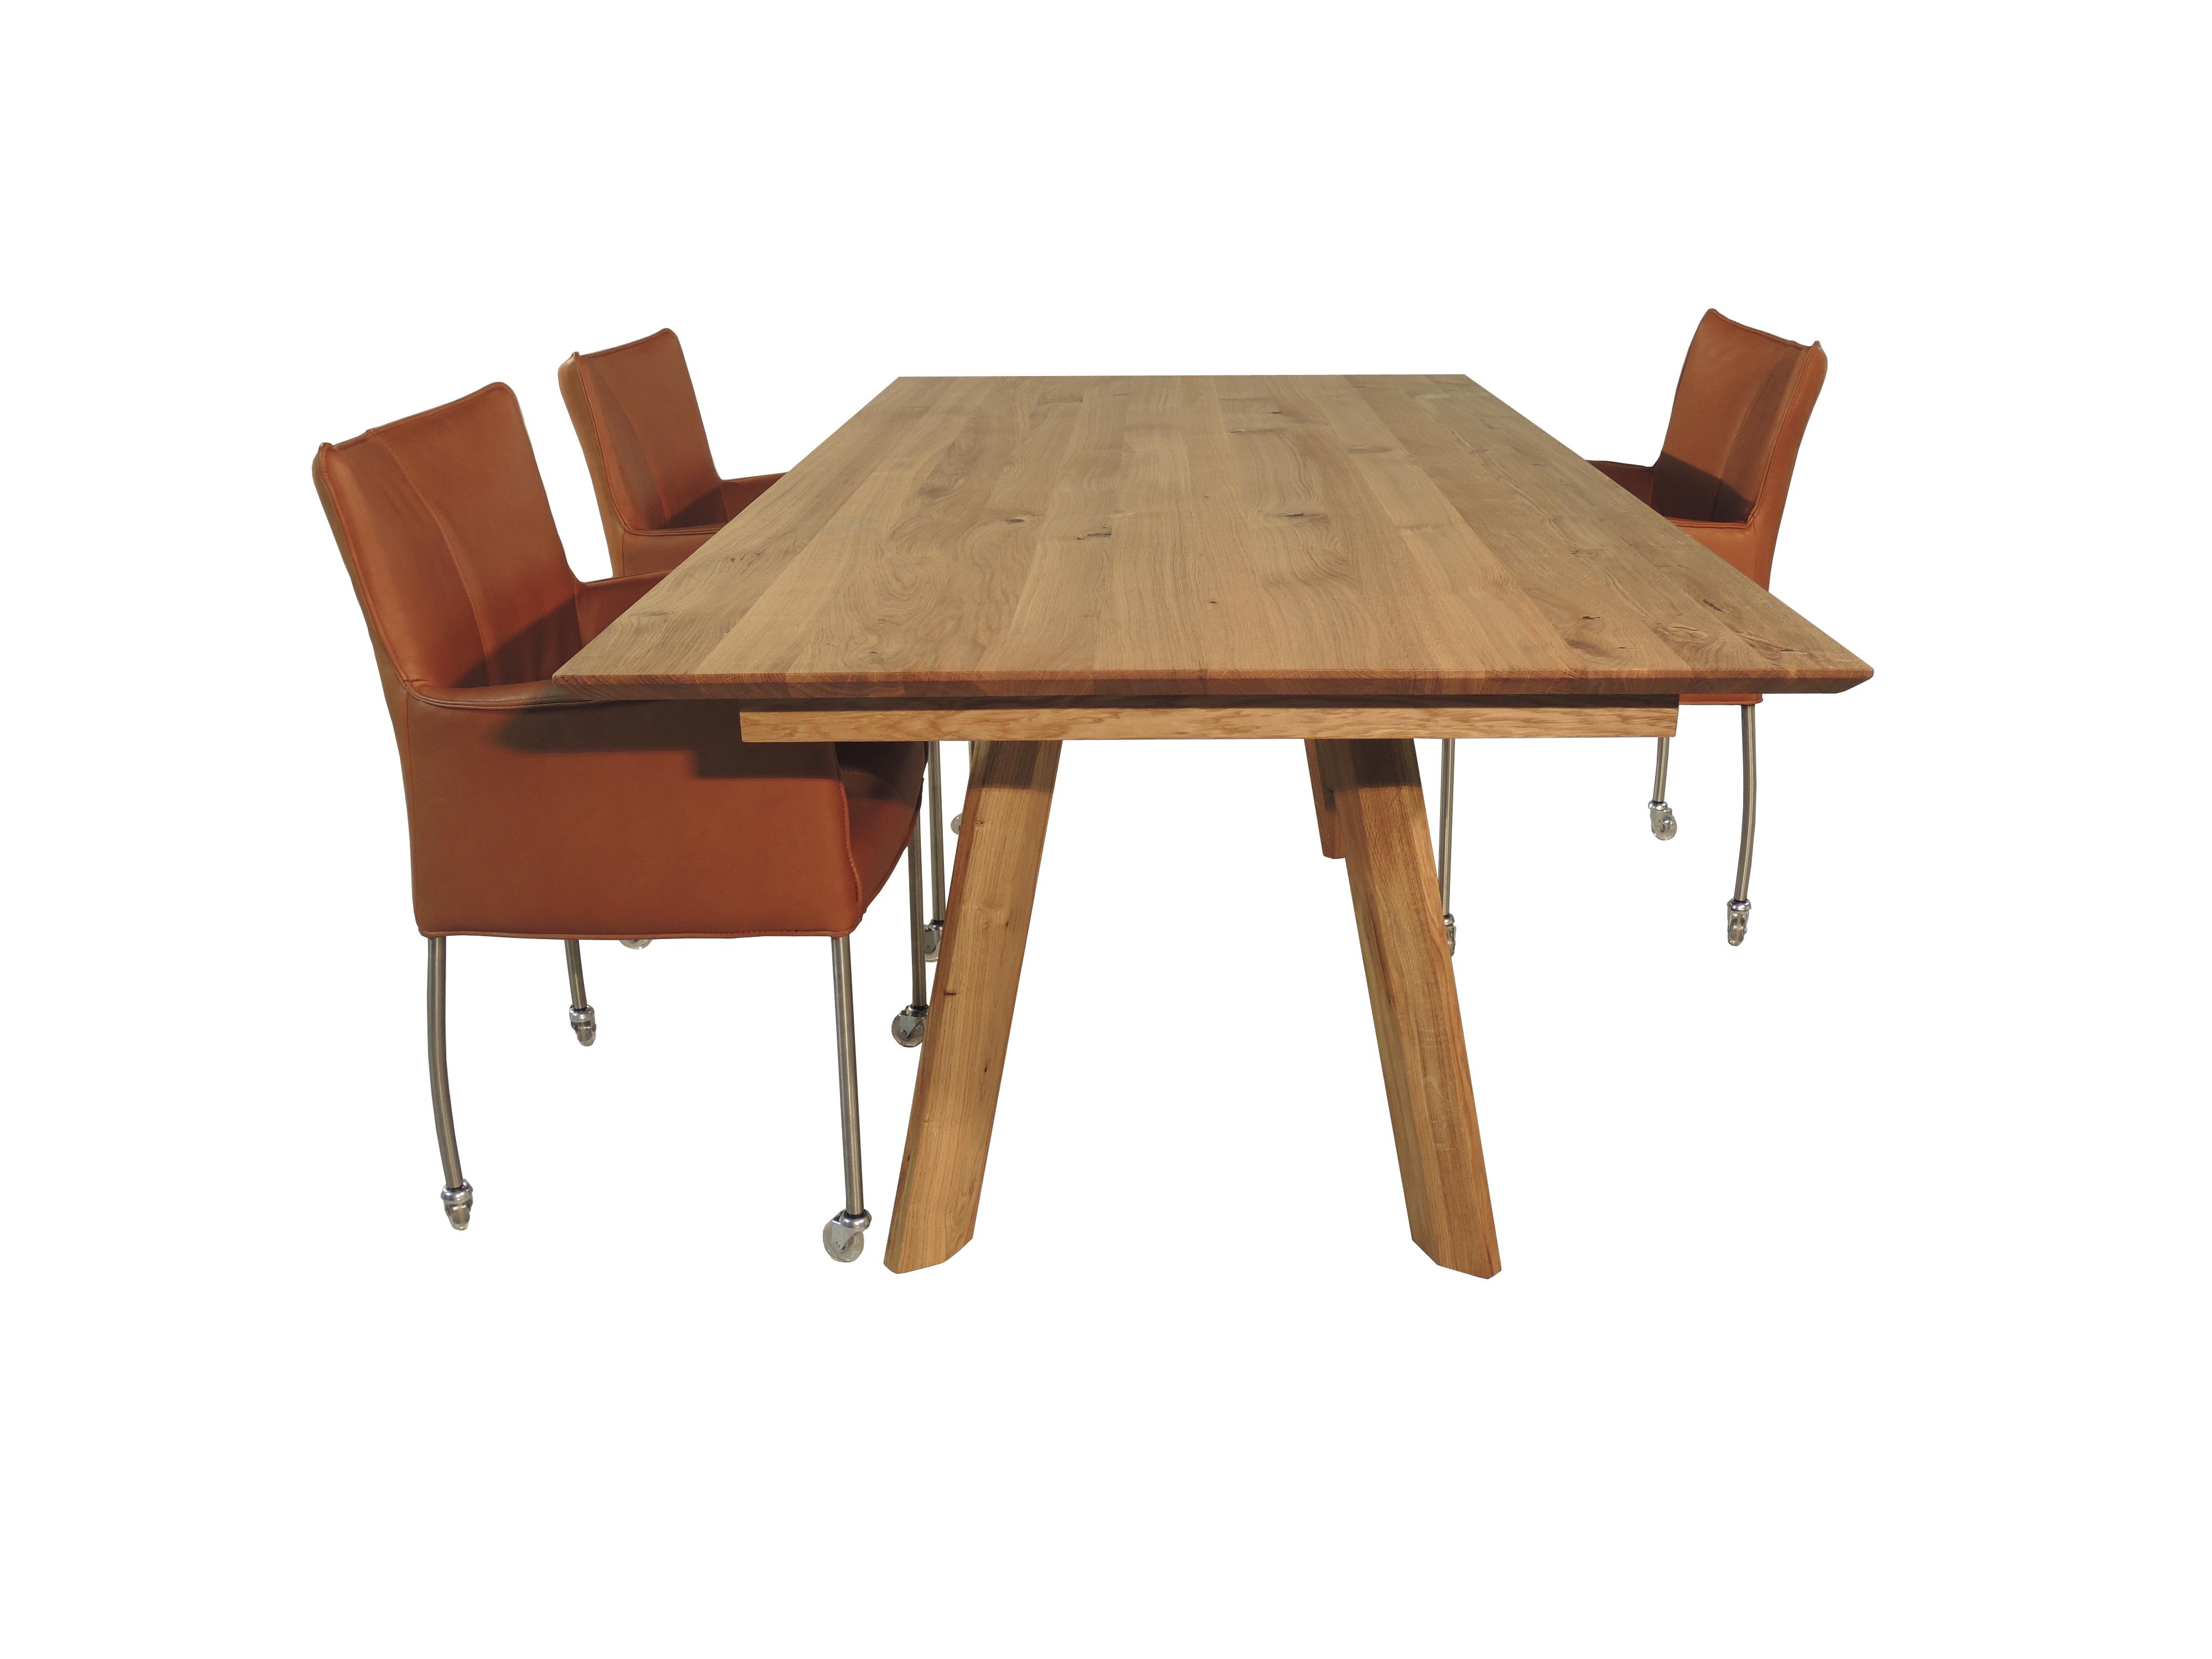 Moderne Uitschuifbare Eetkamertafels.Trier Uitschuifbare Eettafel